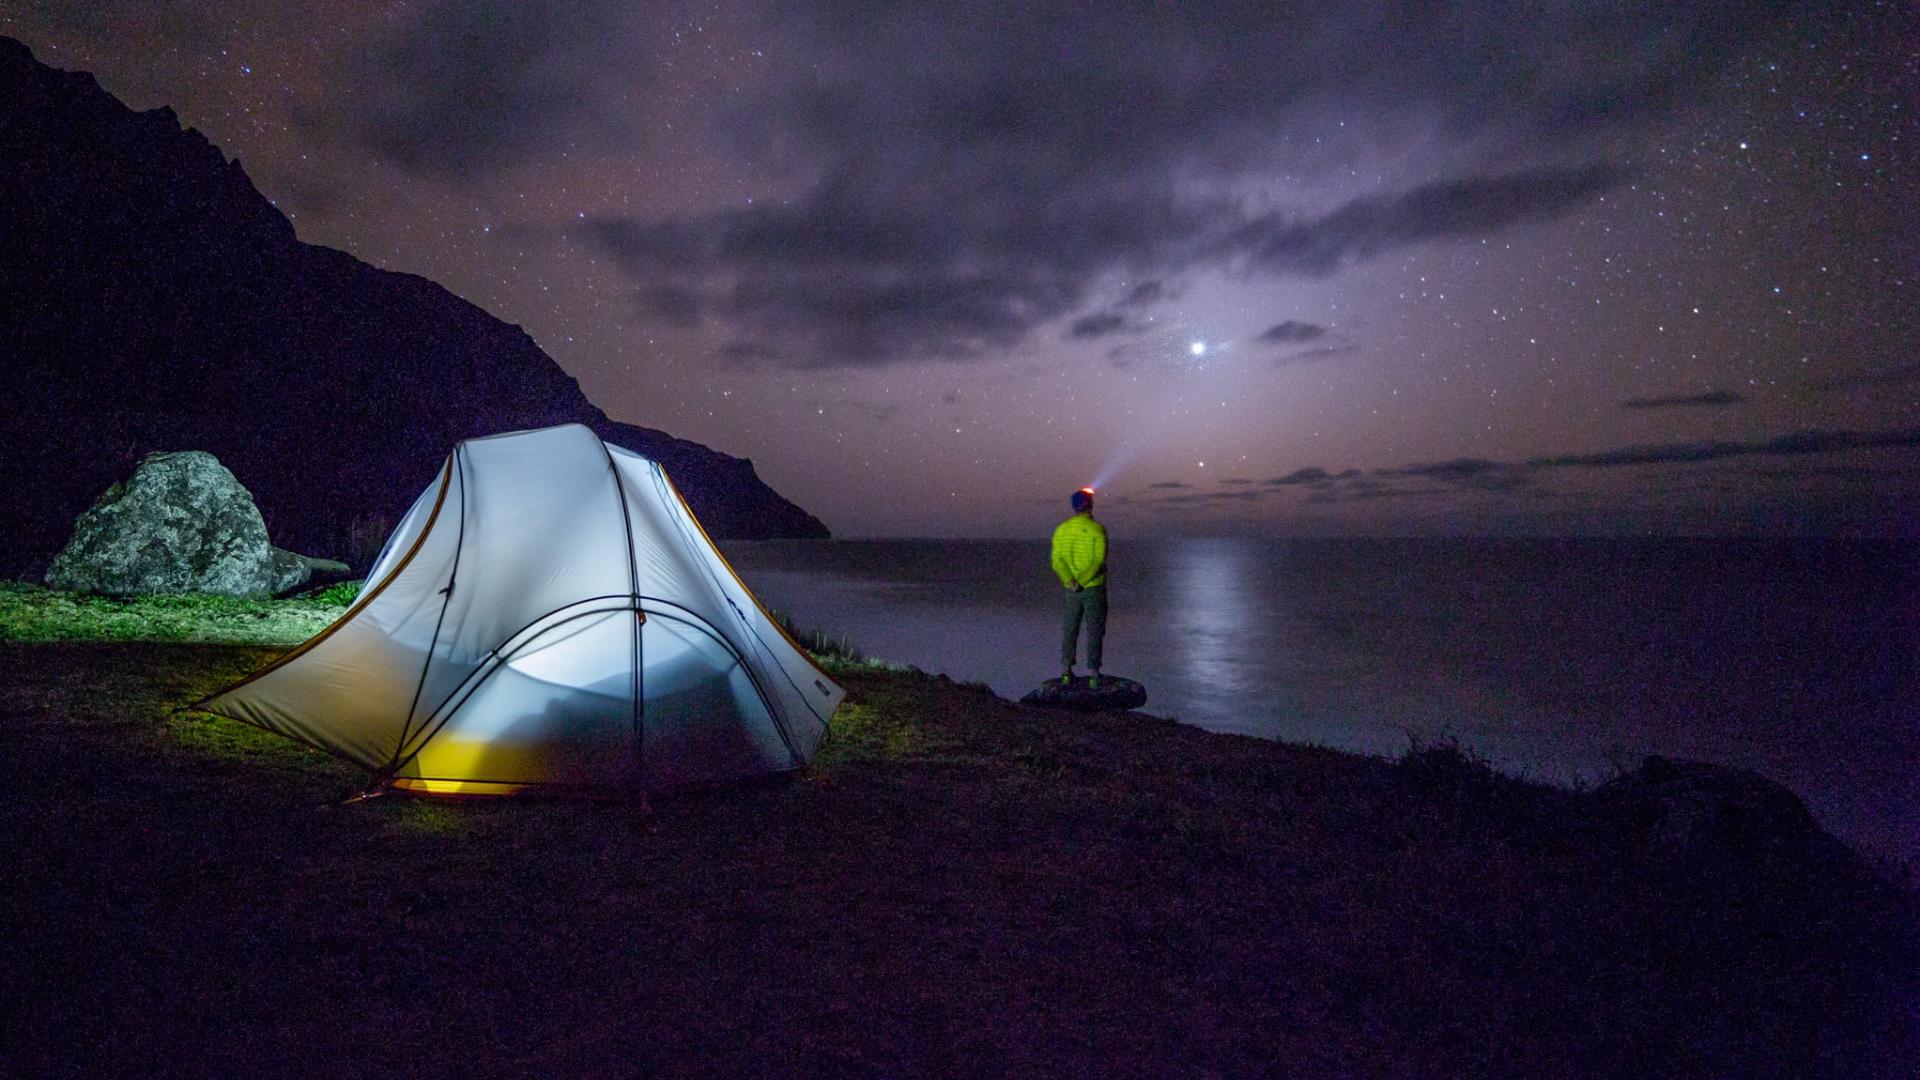 camping photo hd